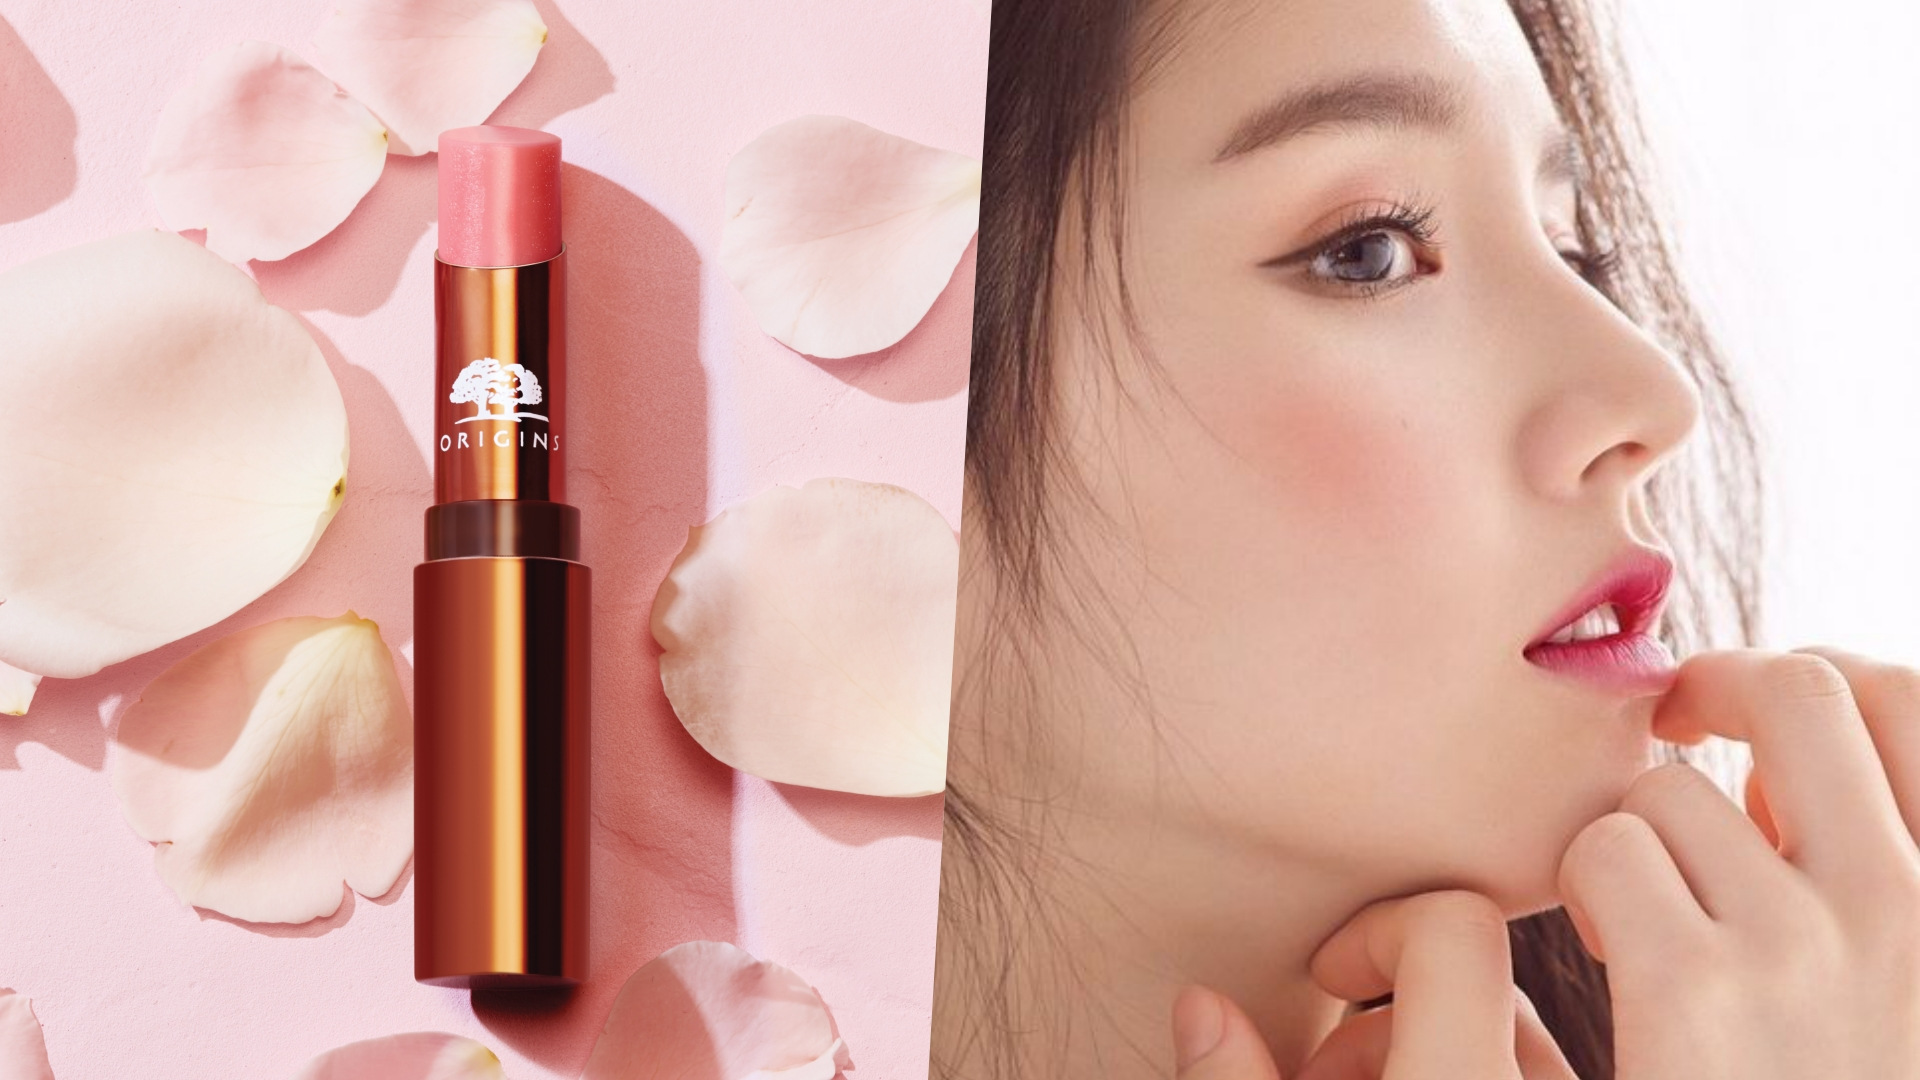 以人工選取品質最佳的花朵,將其混合到唇膏中,搭配天然花蠟給予雙唇絲滑柔順的觸感,讓雙唇色澤更加飽滿。